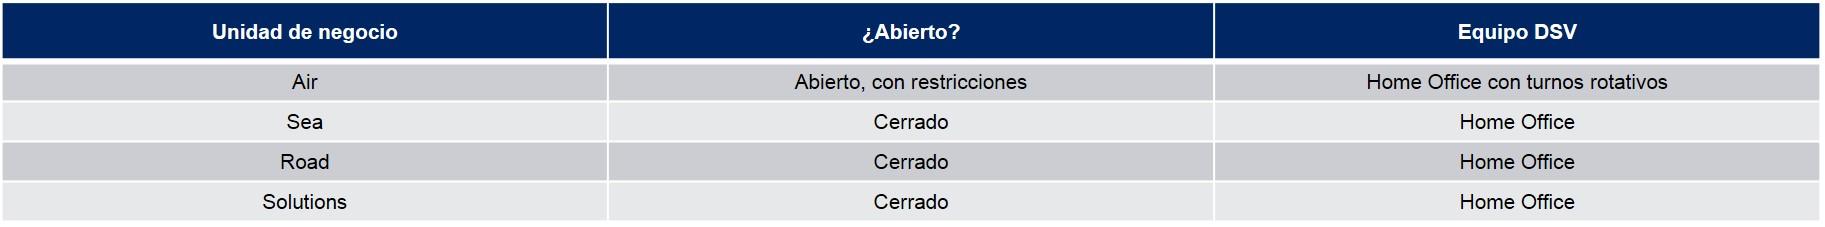 Tabla Operaciones Ecuador COVID-19 03-04-20